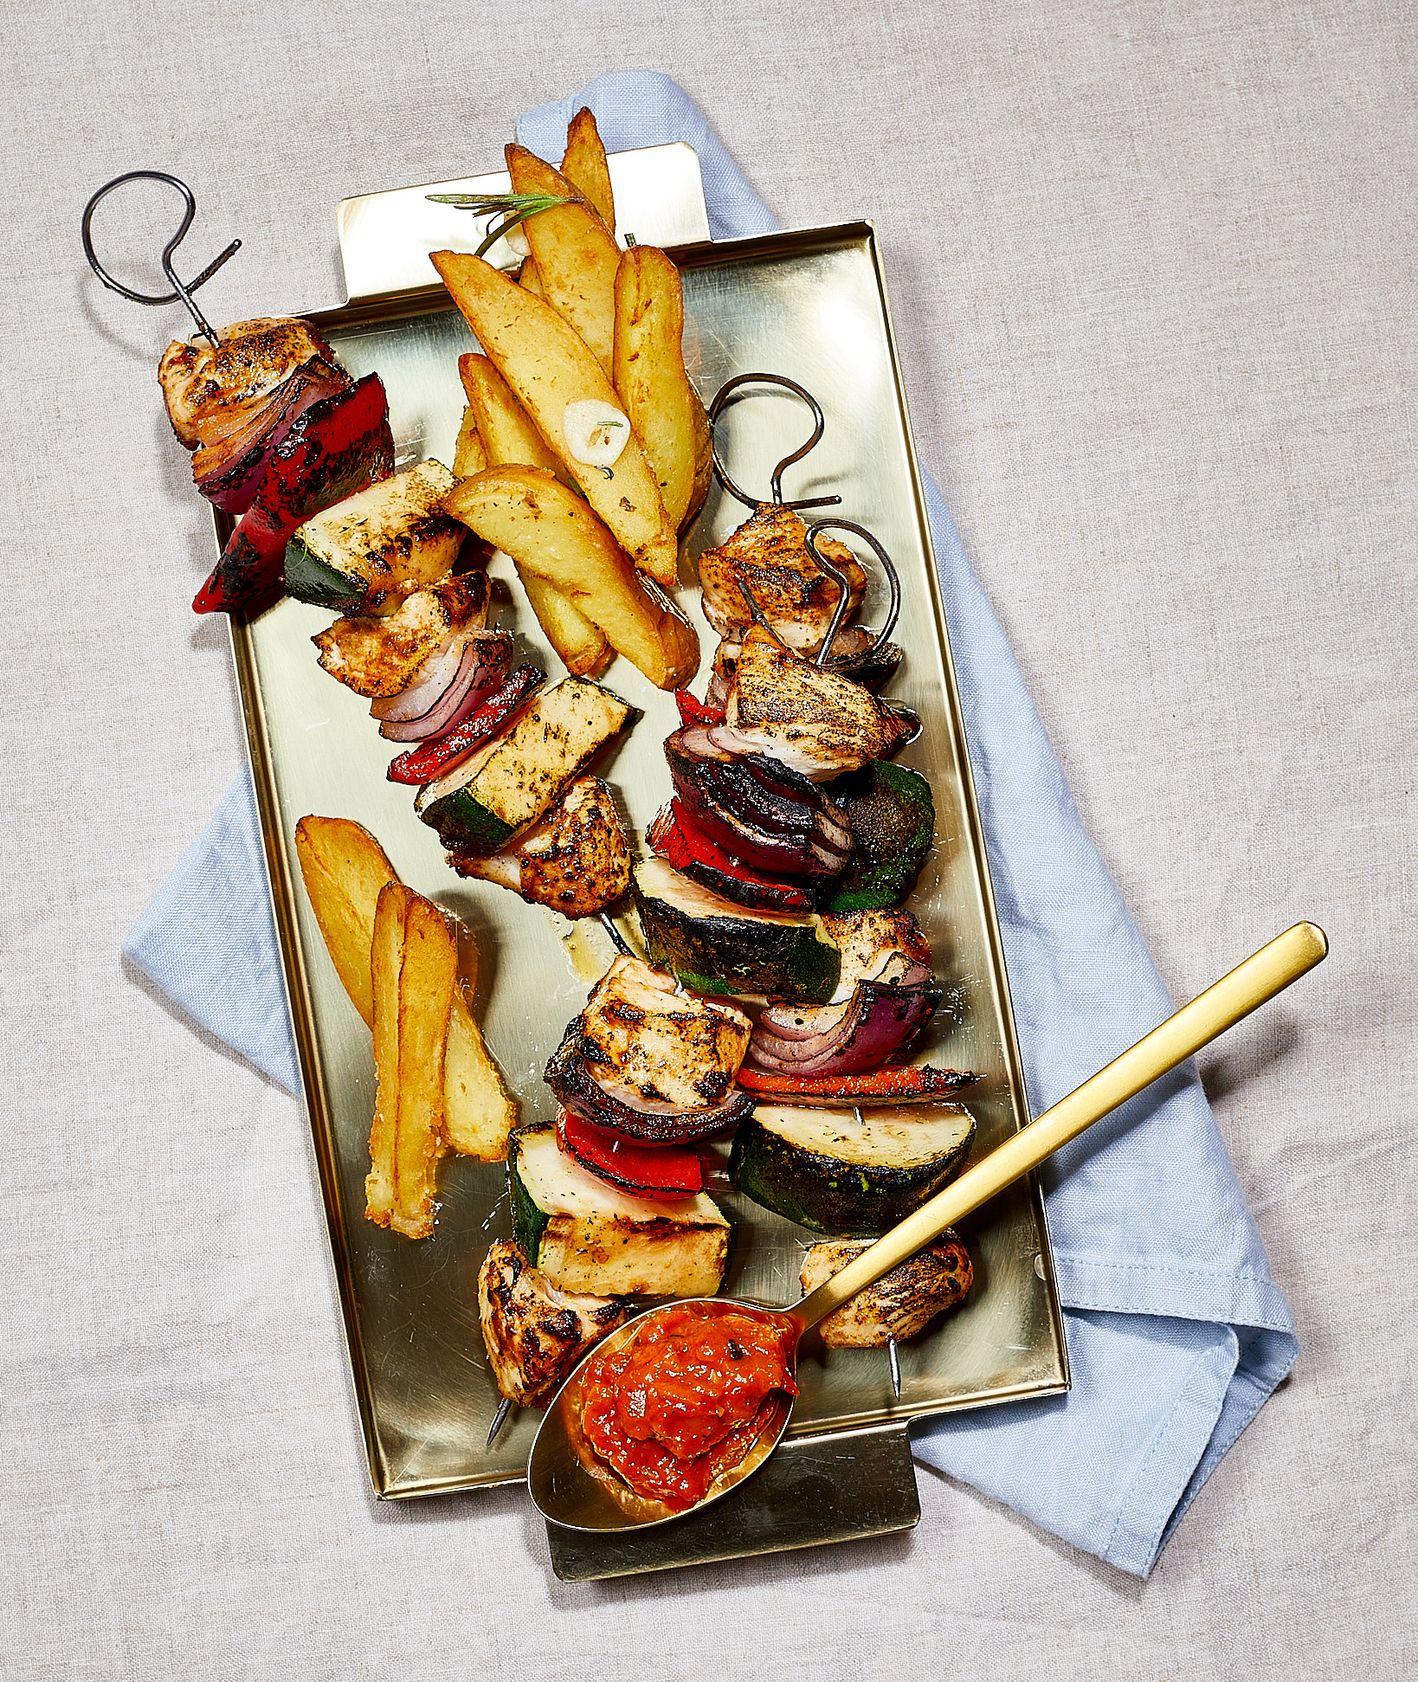 Szaszłyk drobiowy z sosem Ljutenica, ziemniakami pieczonymi i sałatą z kwaśną śmietaną. Warmut. (fot. Maciek Niemojewski)